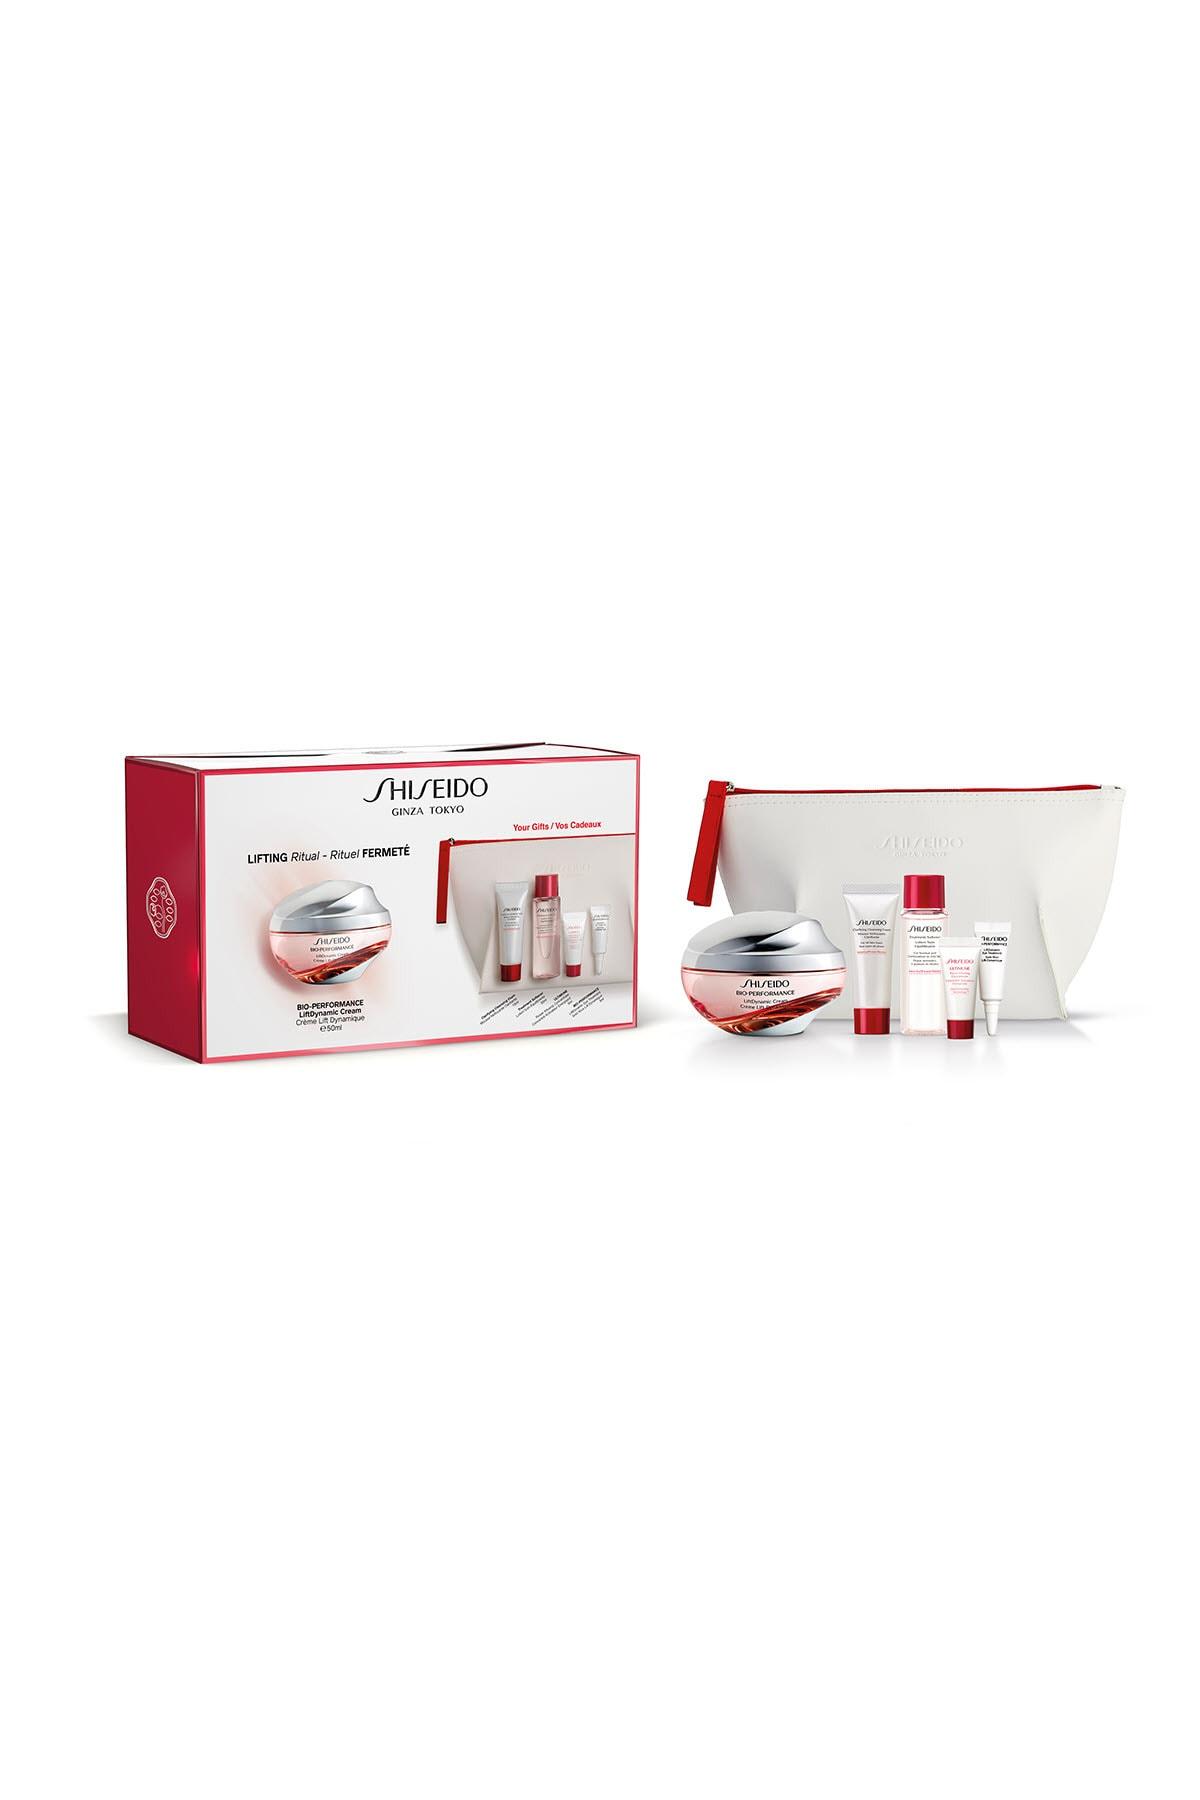 Shiseido Yüz ve Göz için Lifting ve Sıkılaştırma Etkili Set - BOP Lift Dynamic Pouch Kit 19SS 3598380362612